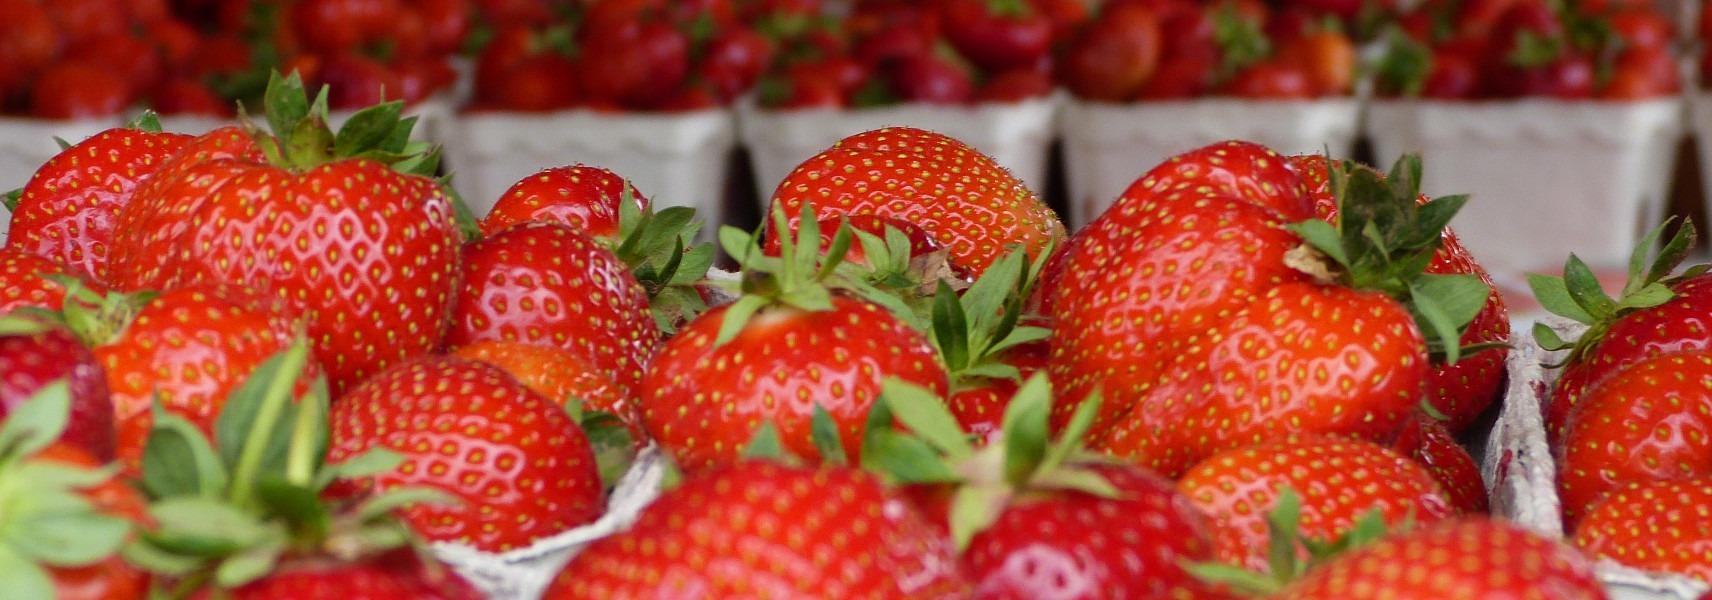 Leuchtend rote Erdbeeren am Verkaufsstand in Partenfeld